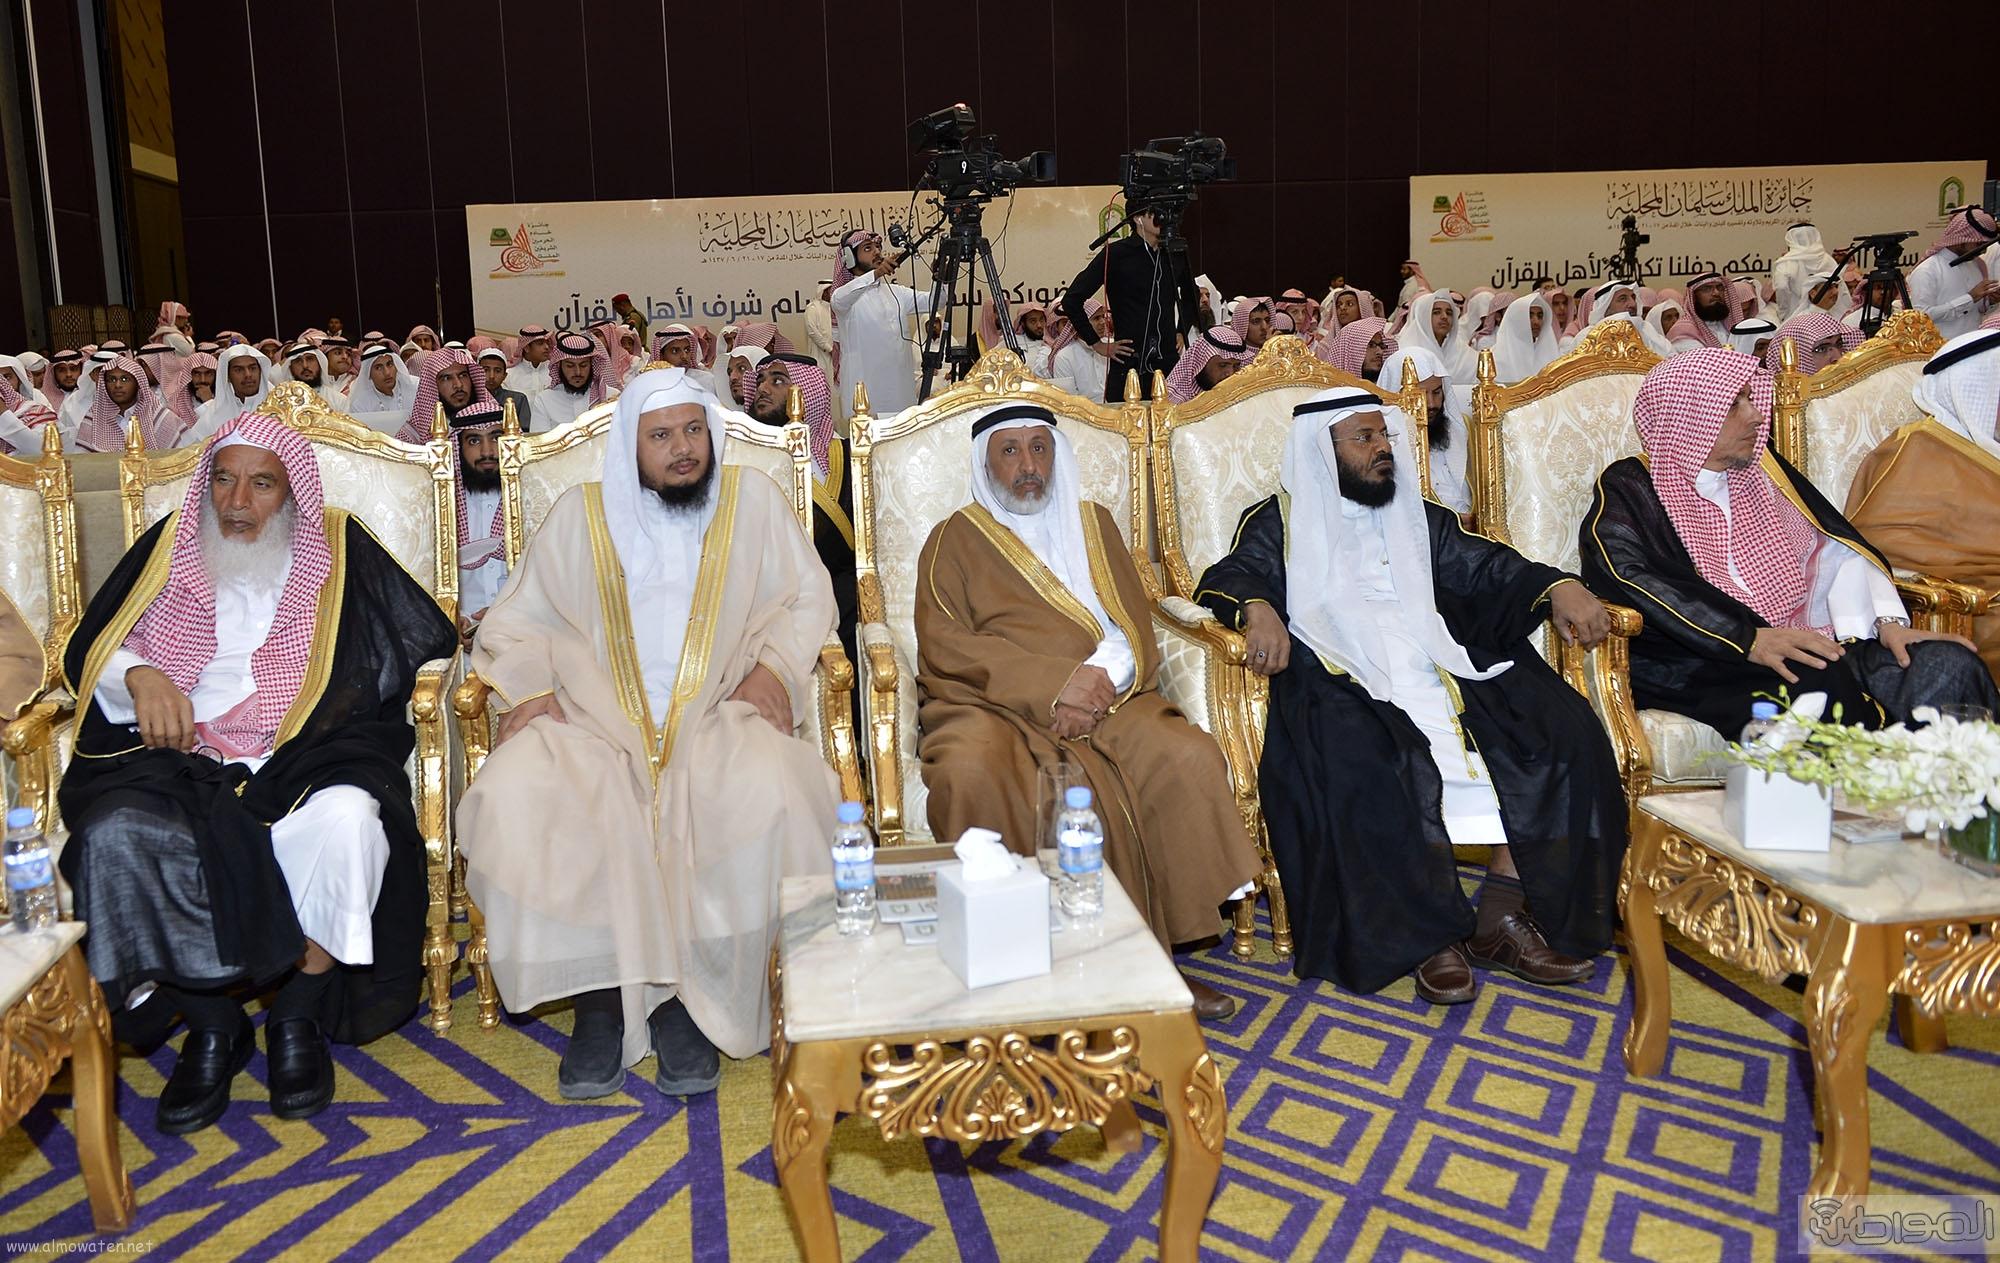 امير منطقة الرياض يرعى حفل اختتام مسابقة جائزة الملك سلمان لحفظ القران الكريم (4)